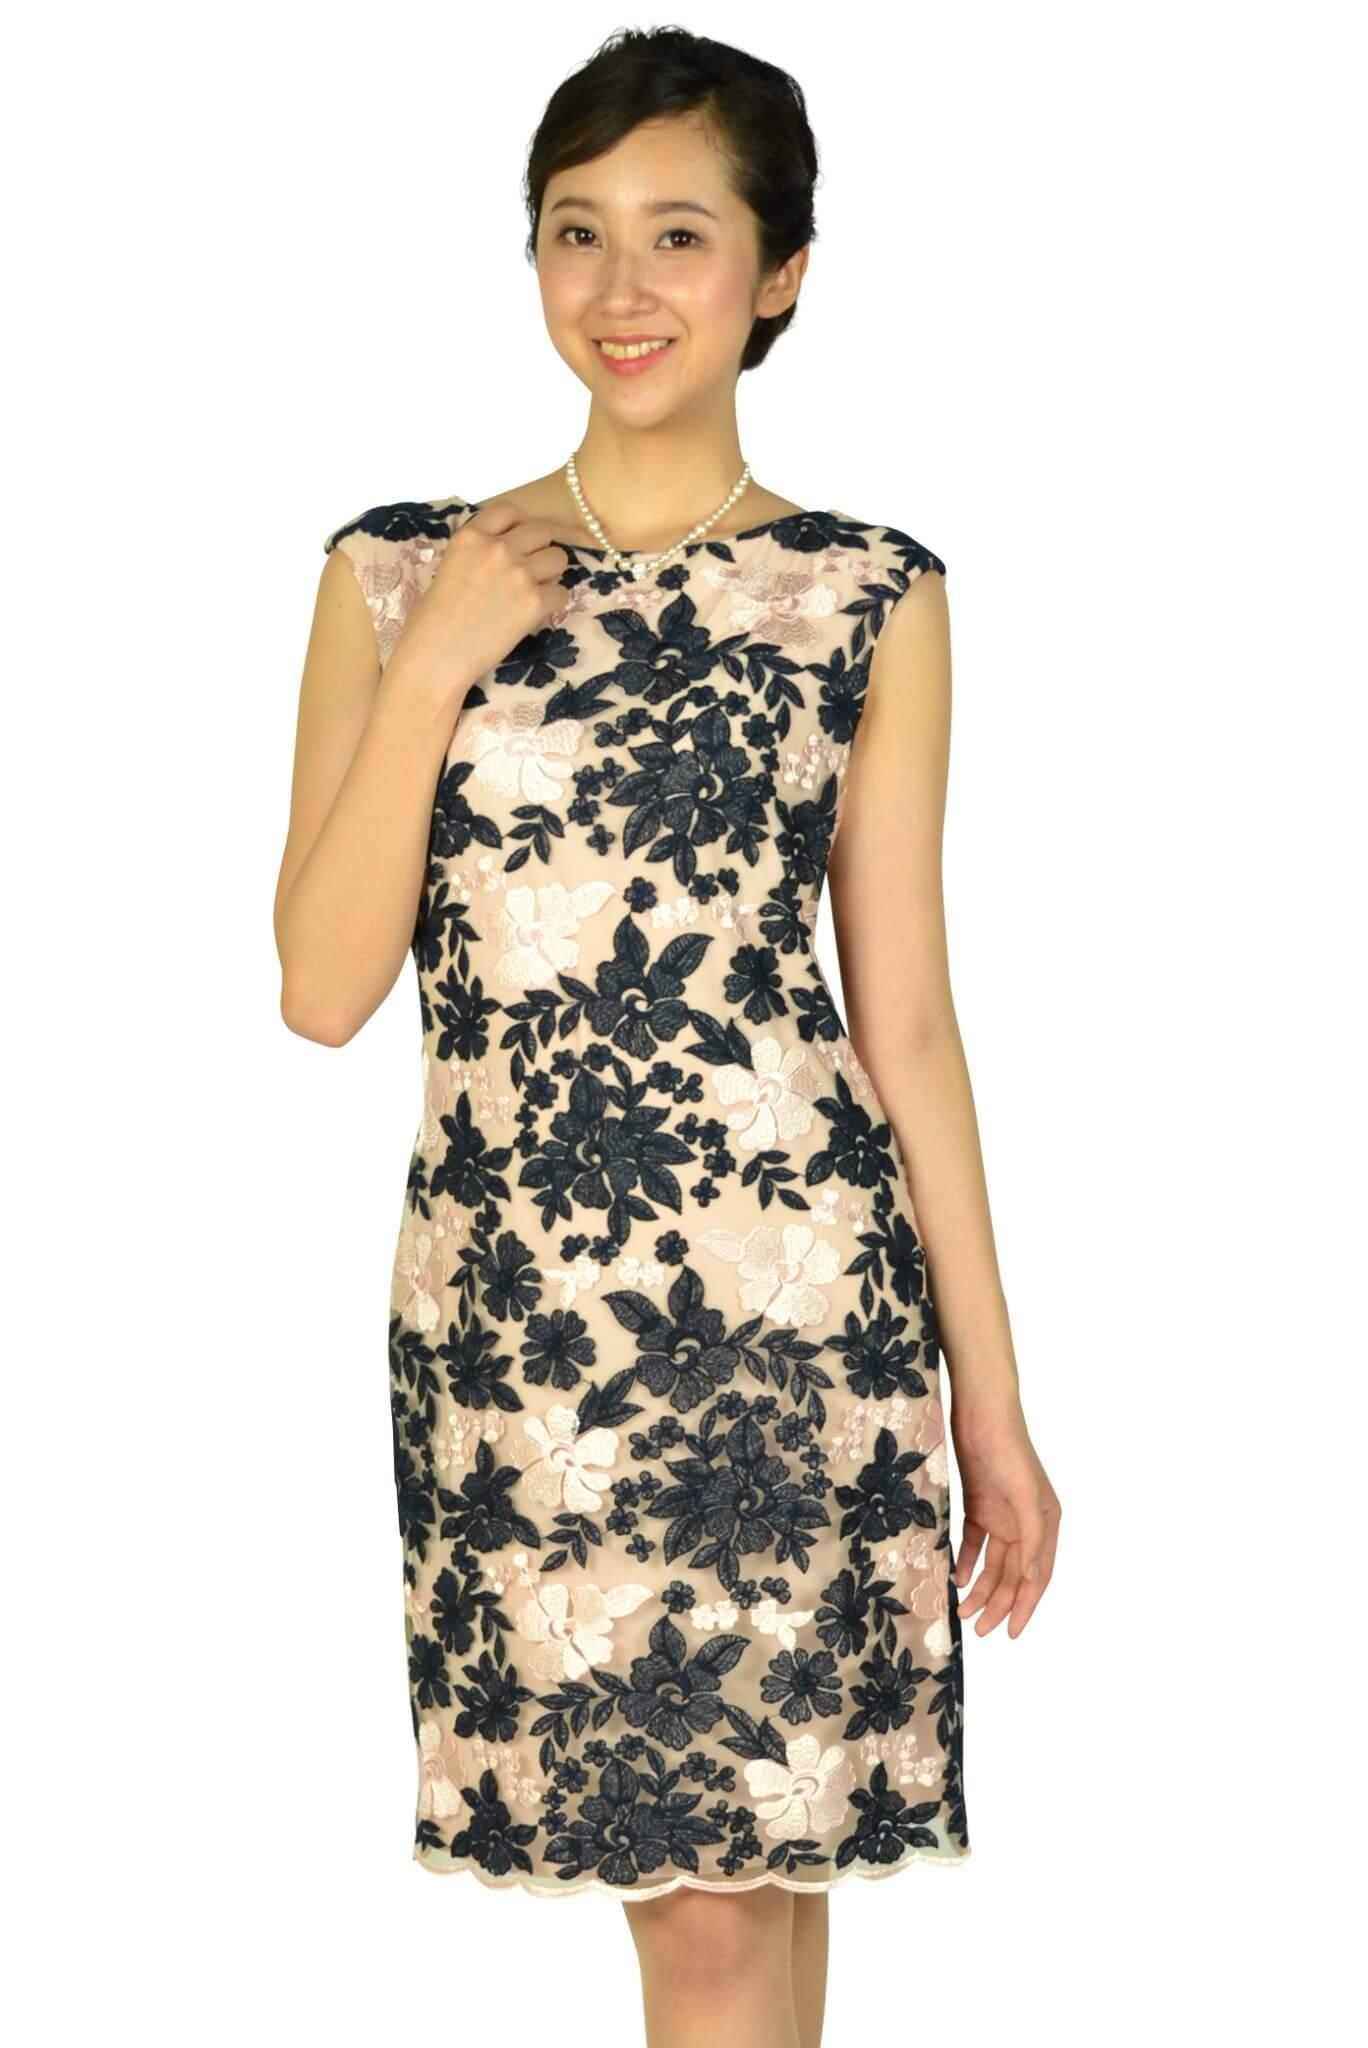 ラルフローレン (Ralph Lauren)フラワー刺繍ネイビー×ピンクドレス